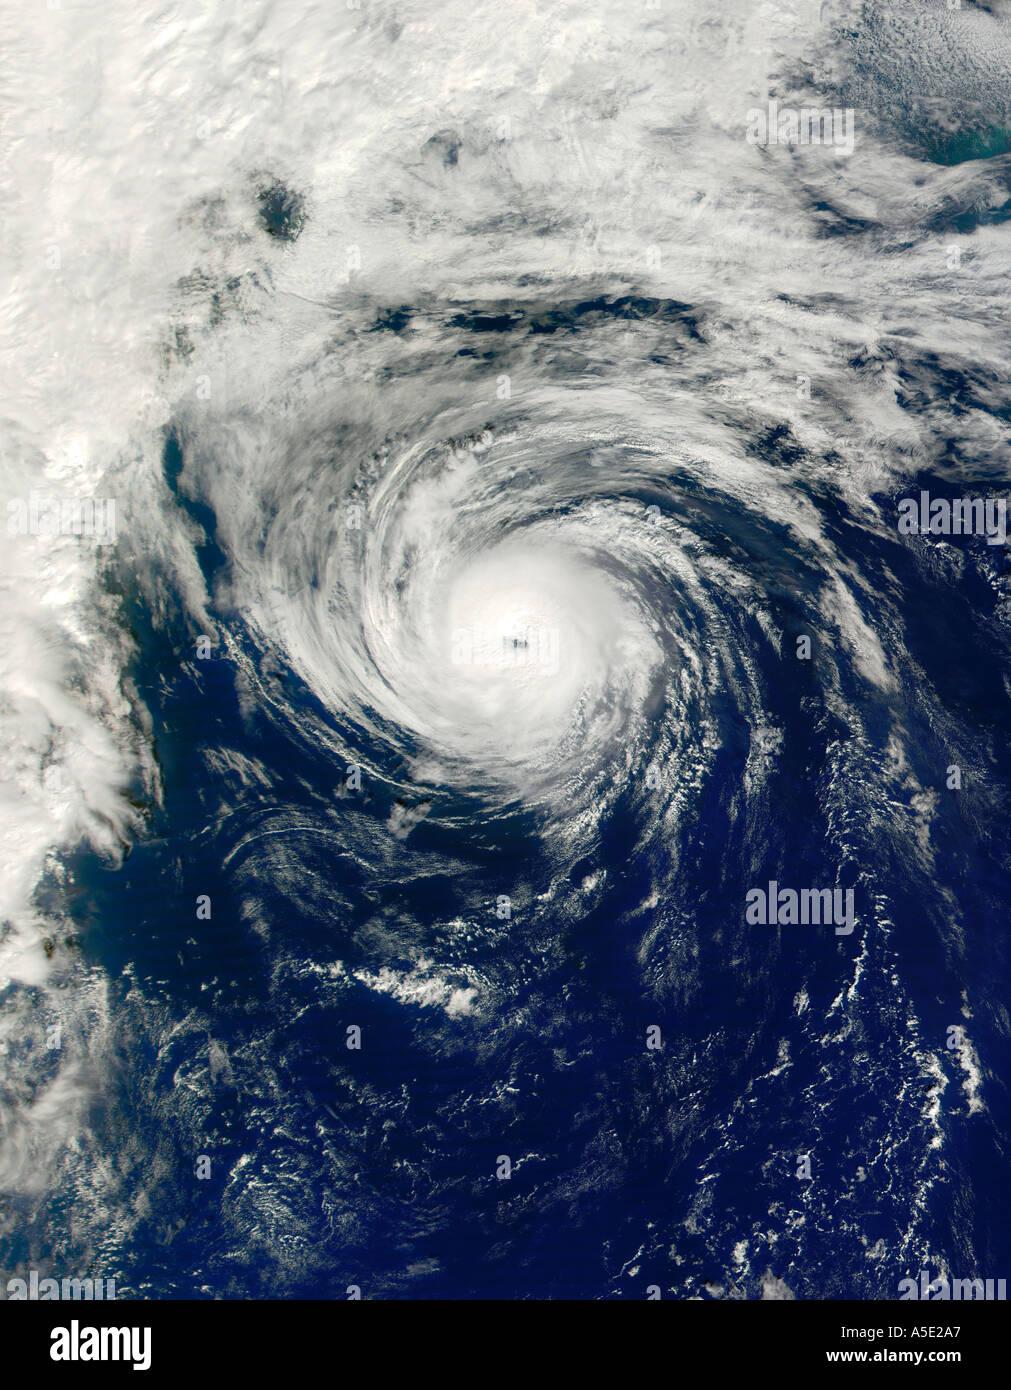 Satellitenbild von einem Hurrikan-Erde aus dem Weltraum Stockbild